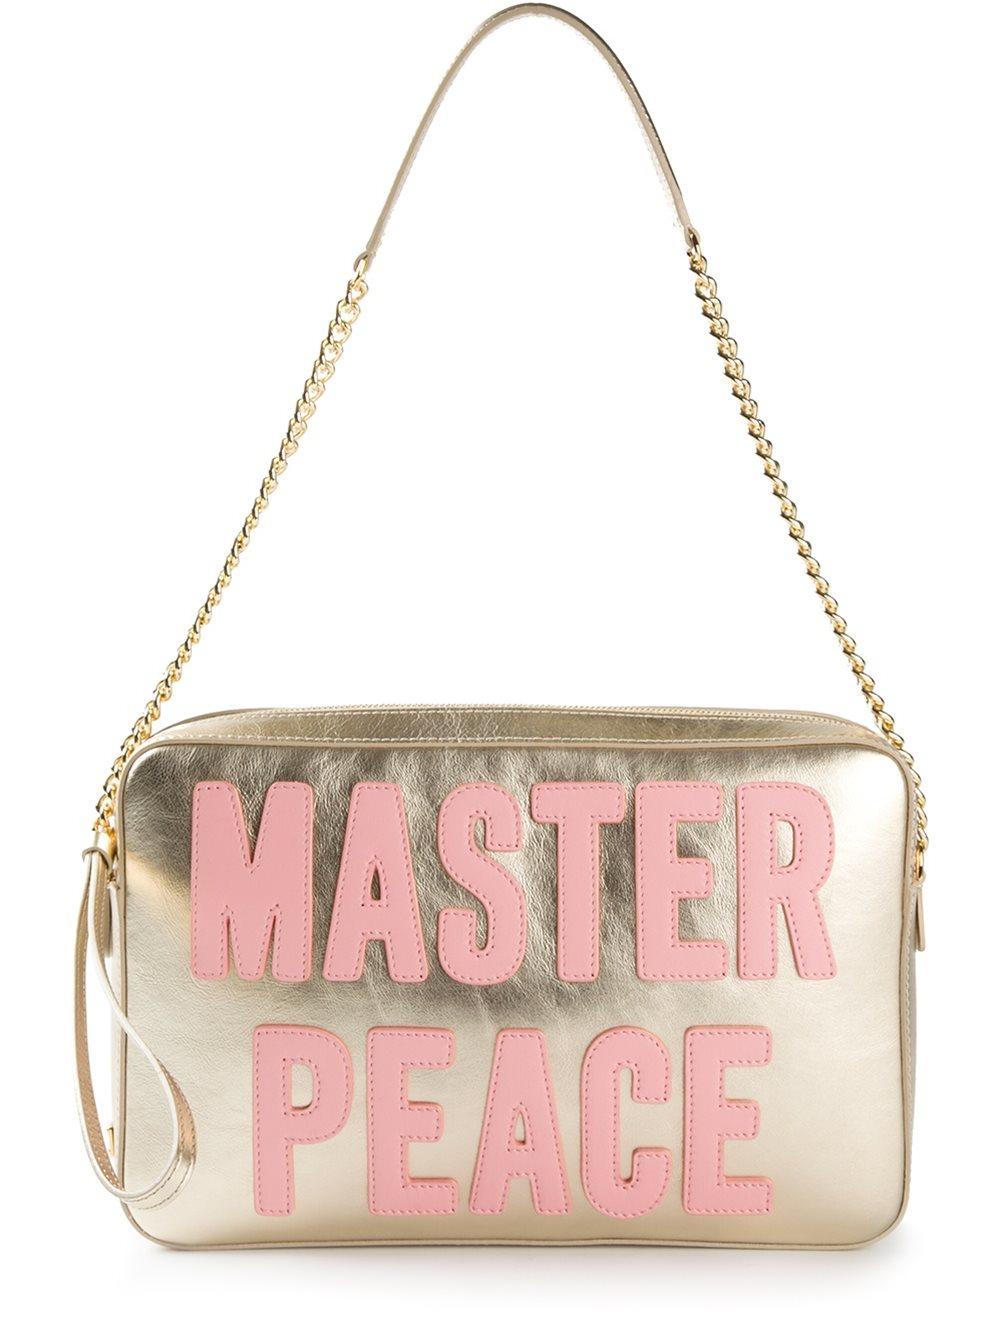 Master Peace Purse $310.64